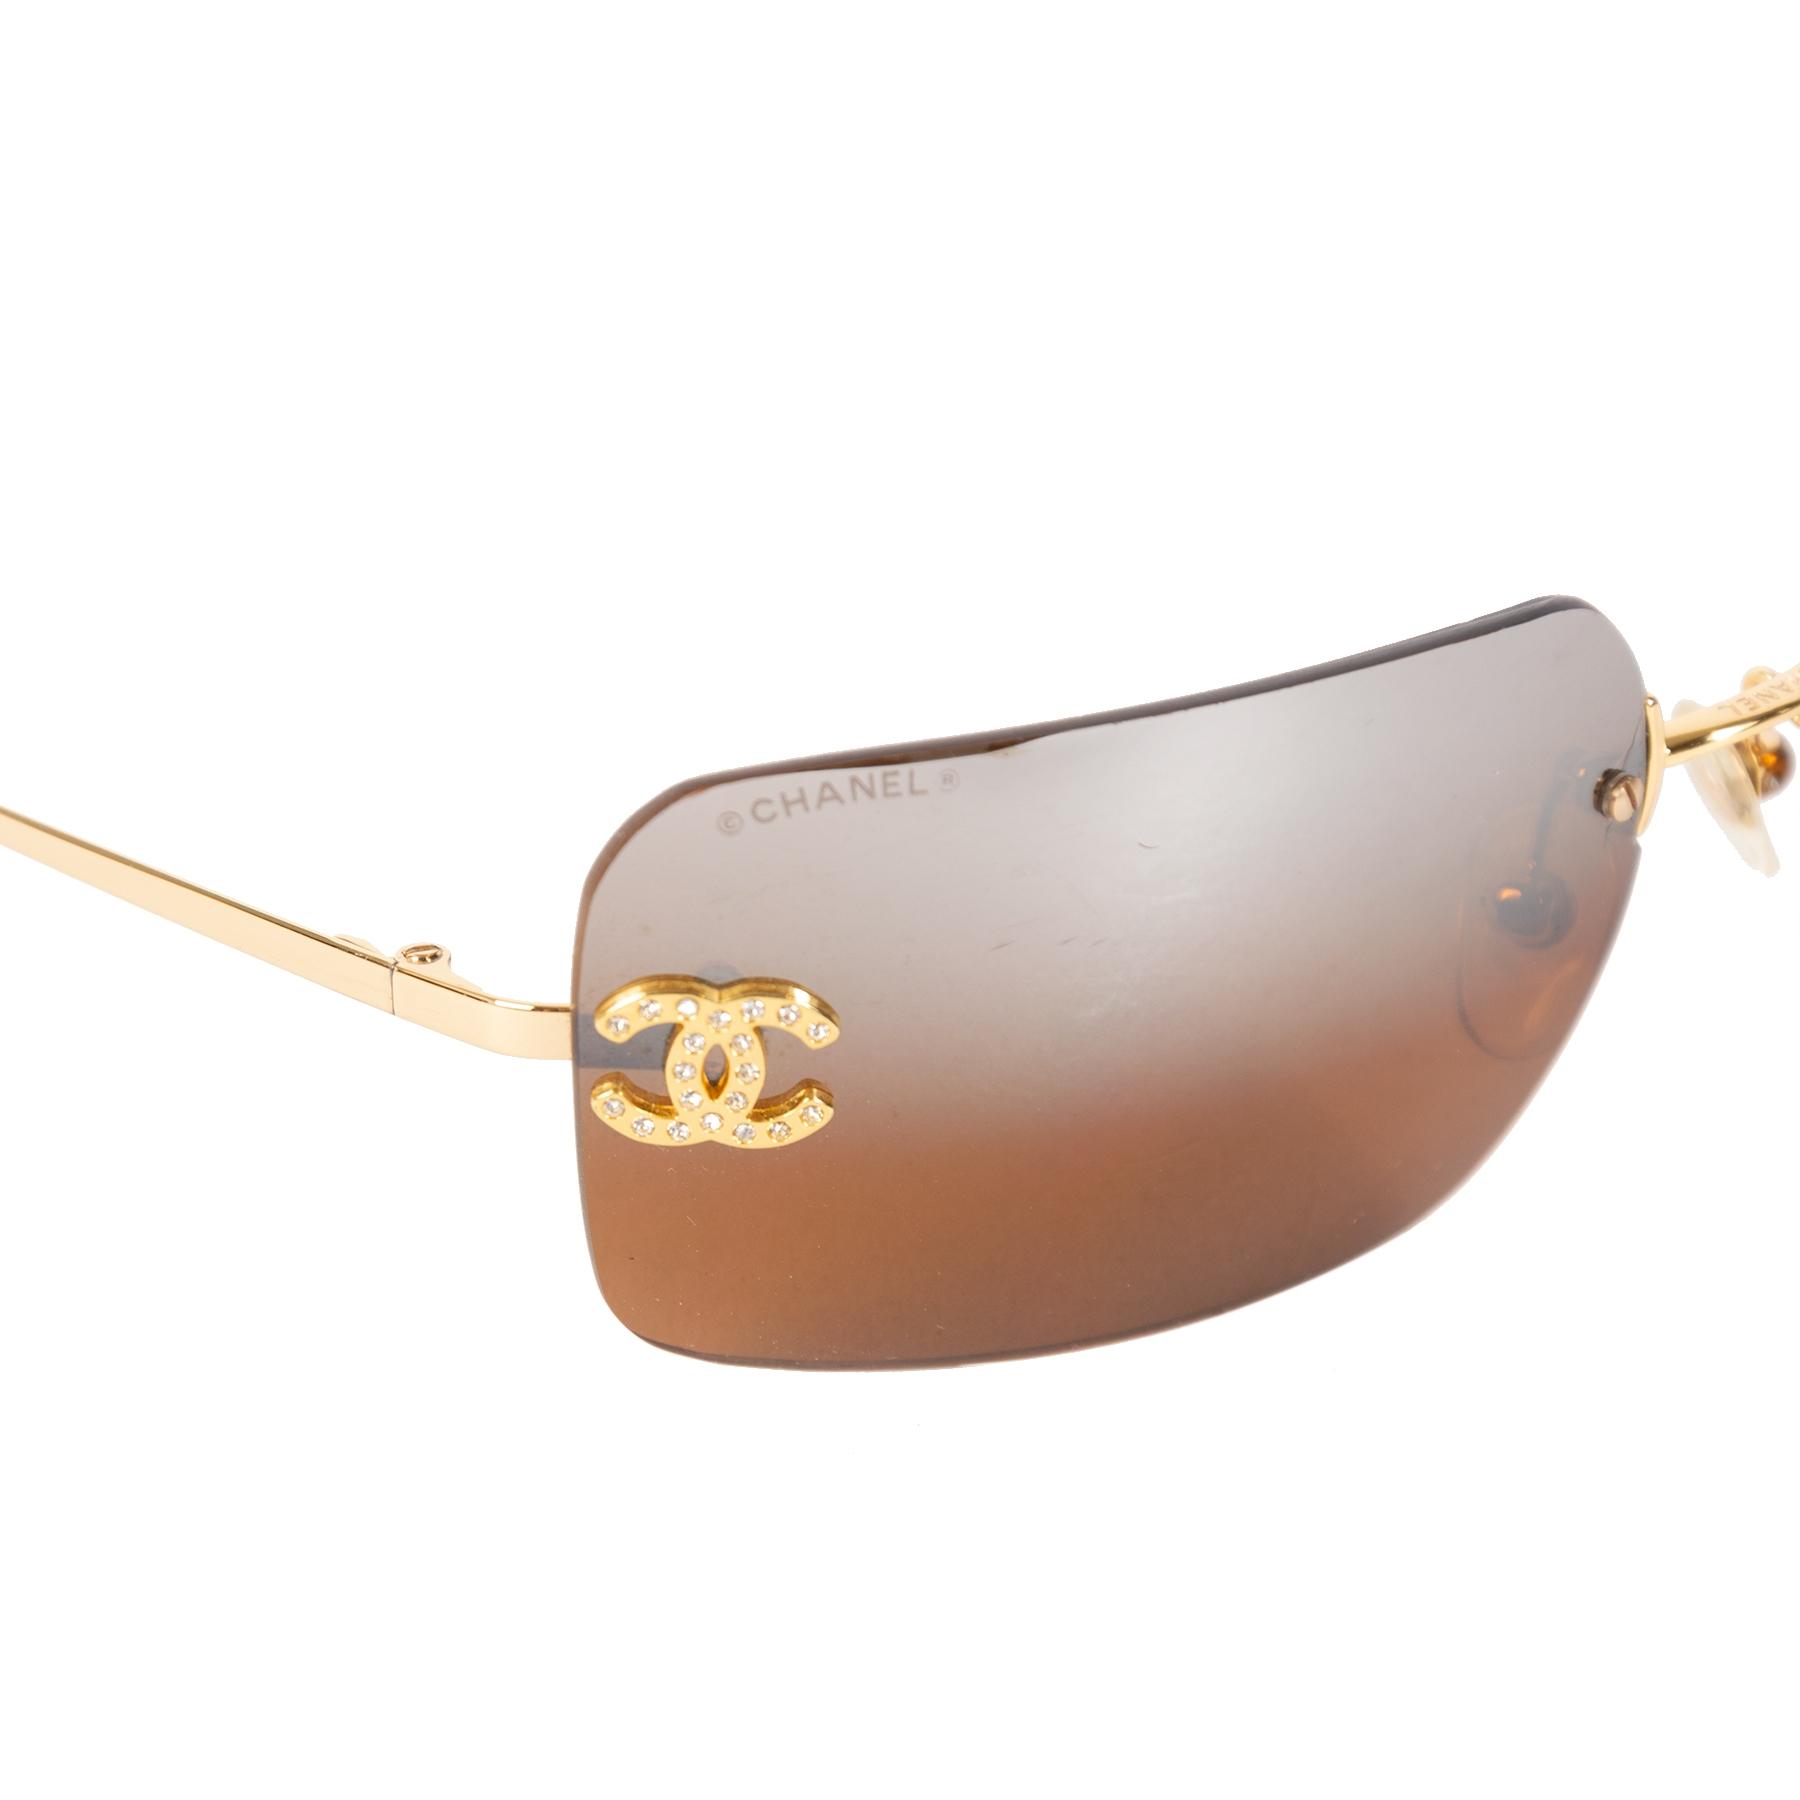 Authentieke Tweedehands Chanel Gold Brown Rimless Crystal CC Logo Sunglasses juiste prijs veilig online shoppen luxe merken webshop winkelen Antwerpen België mode fashion